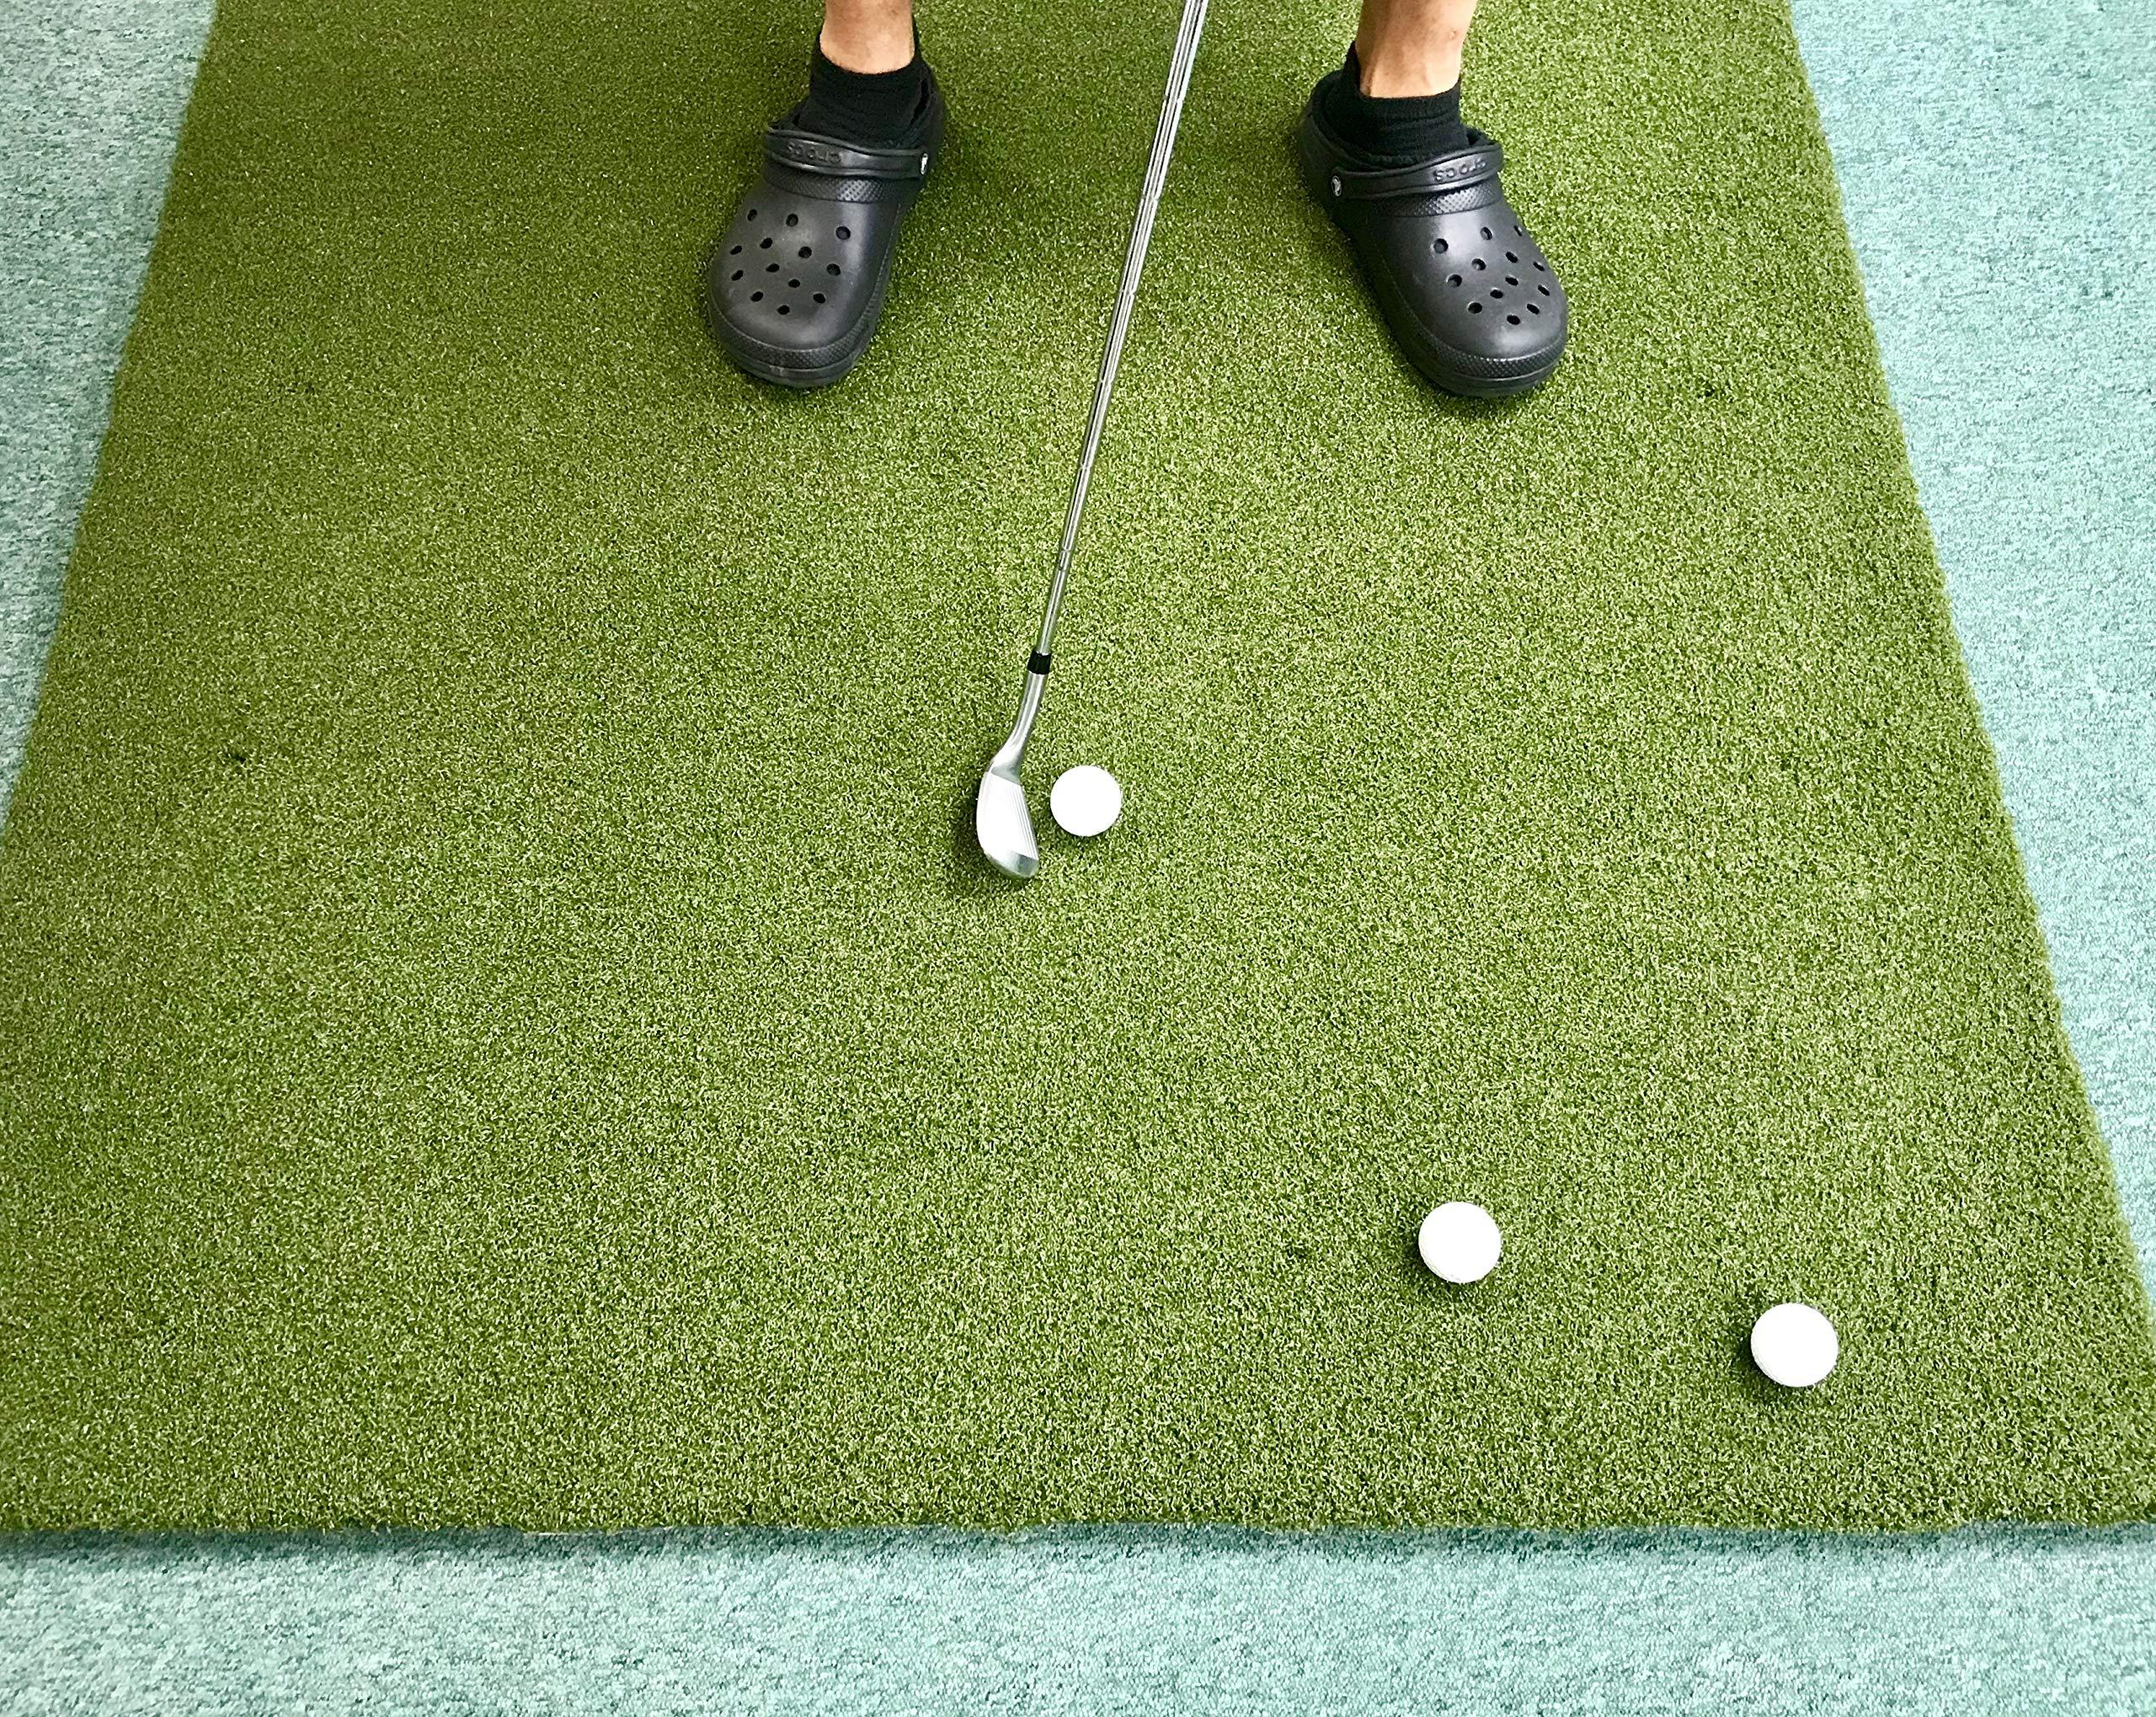 Duffer Commercial Golf Mats 4x5